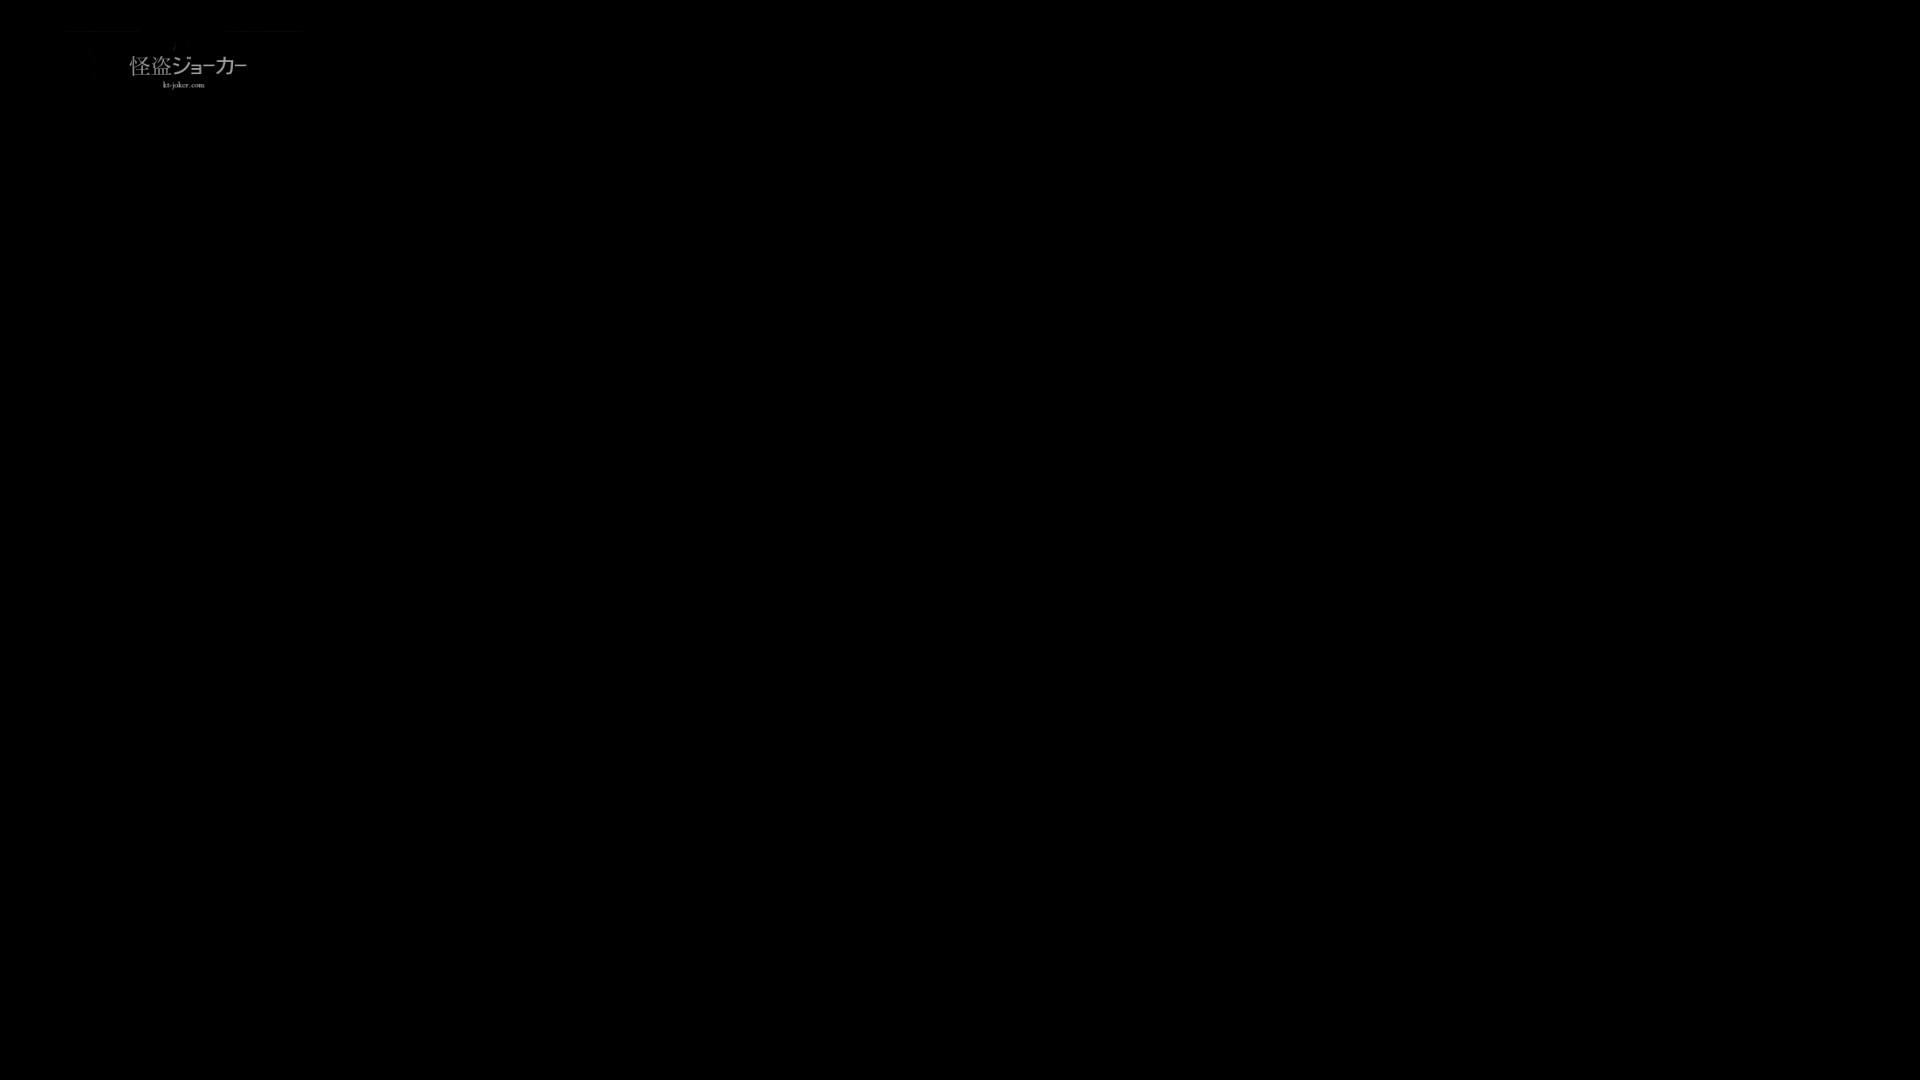 リアルインパクト盗撮~入浴編 Vol.01 お姉さんのボディ | 入浴中の女性  54PIX 19